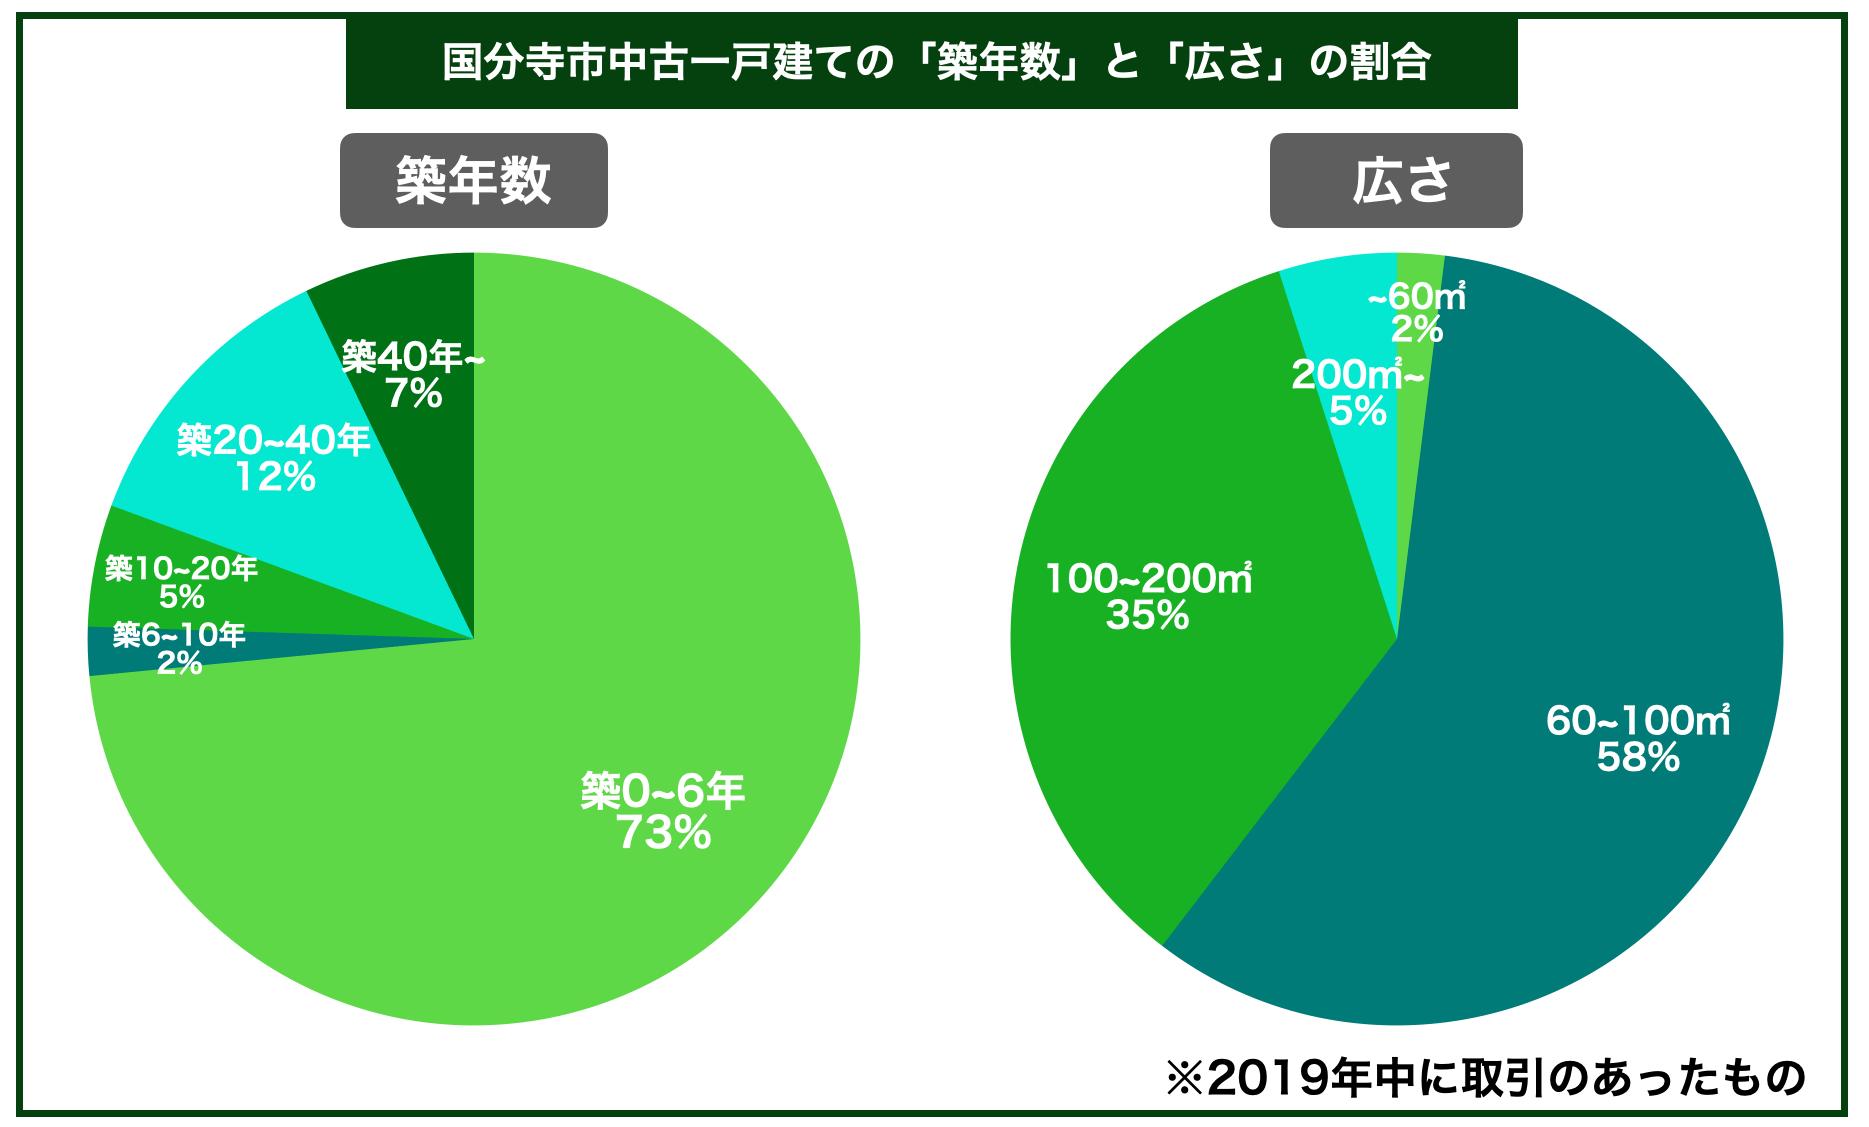 国分寺市中古一戸建ての平均築年数と広さの割合